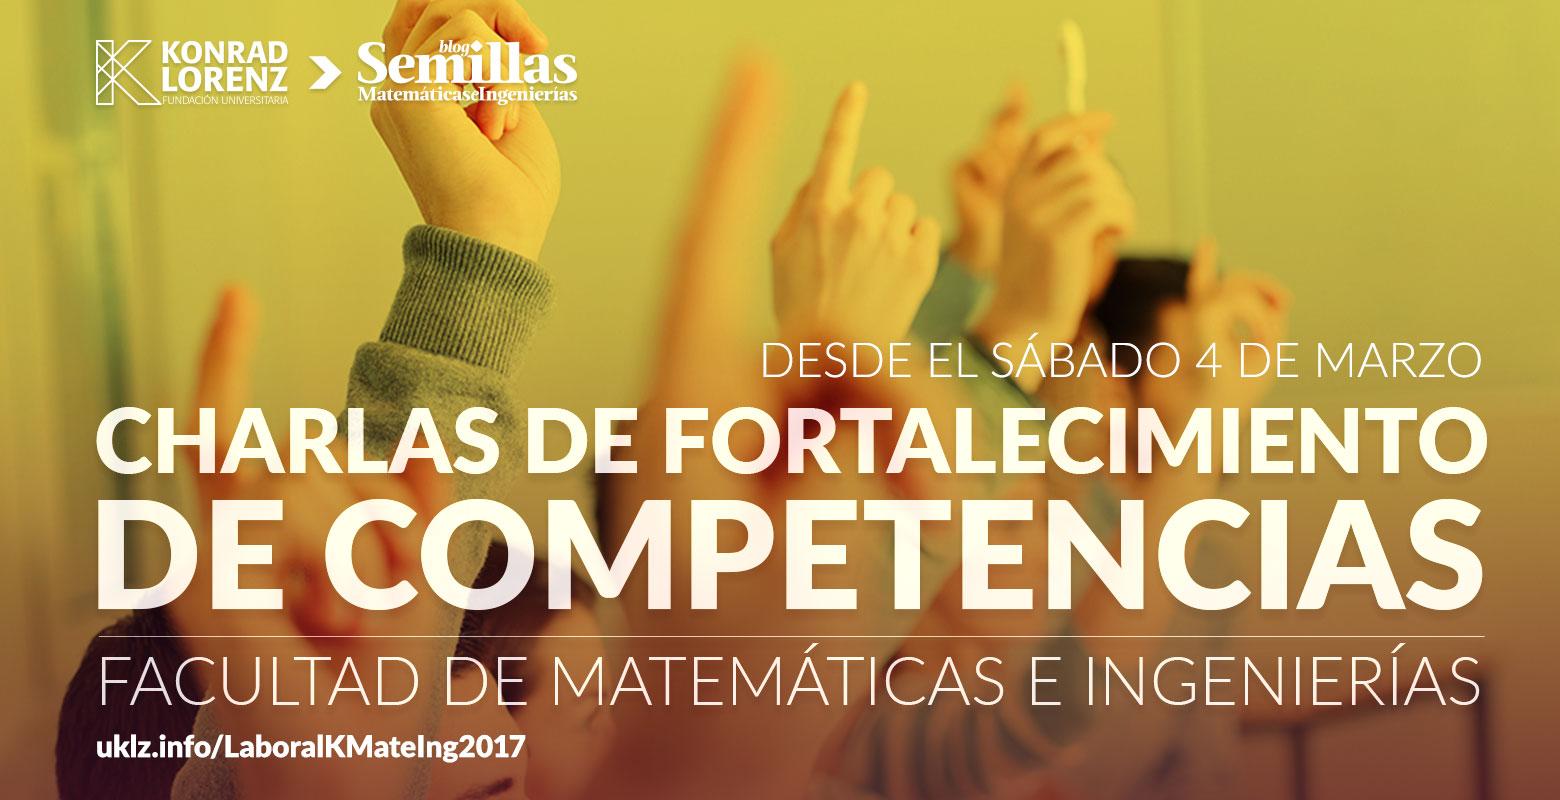 Charlas de Fortalecimiento de Competencias 2017